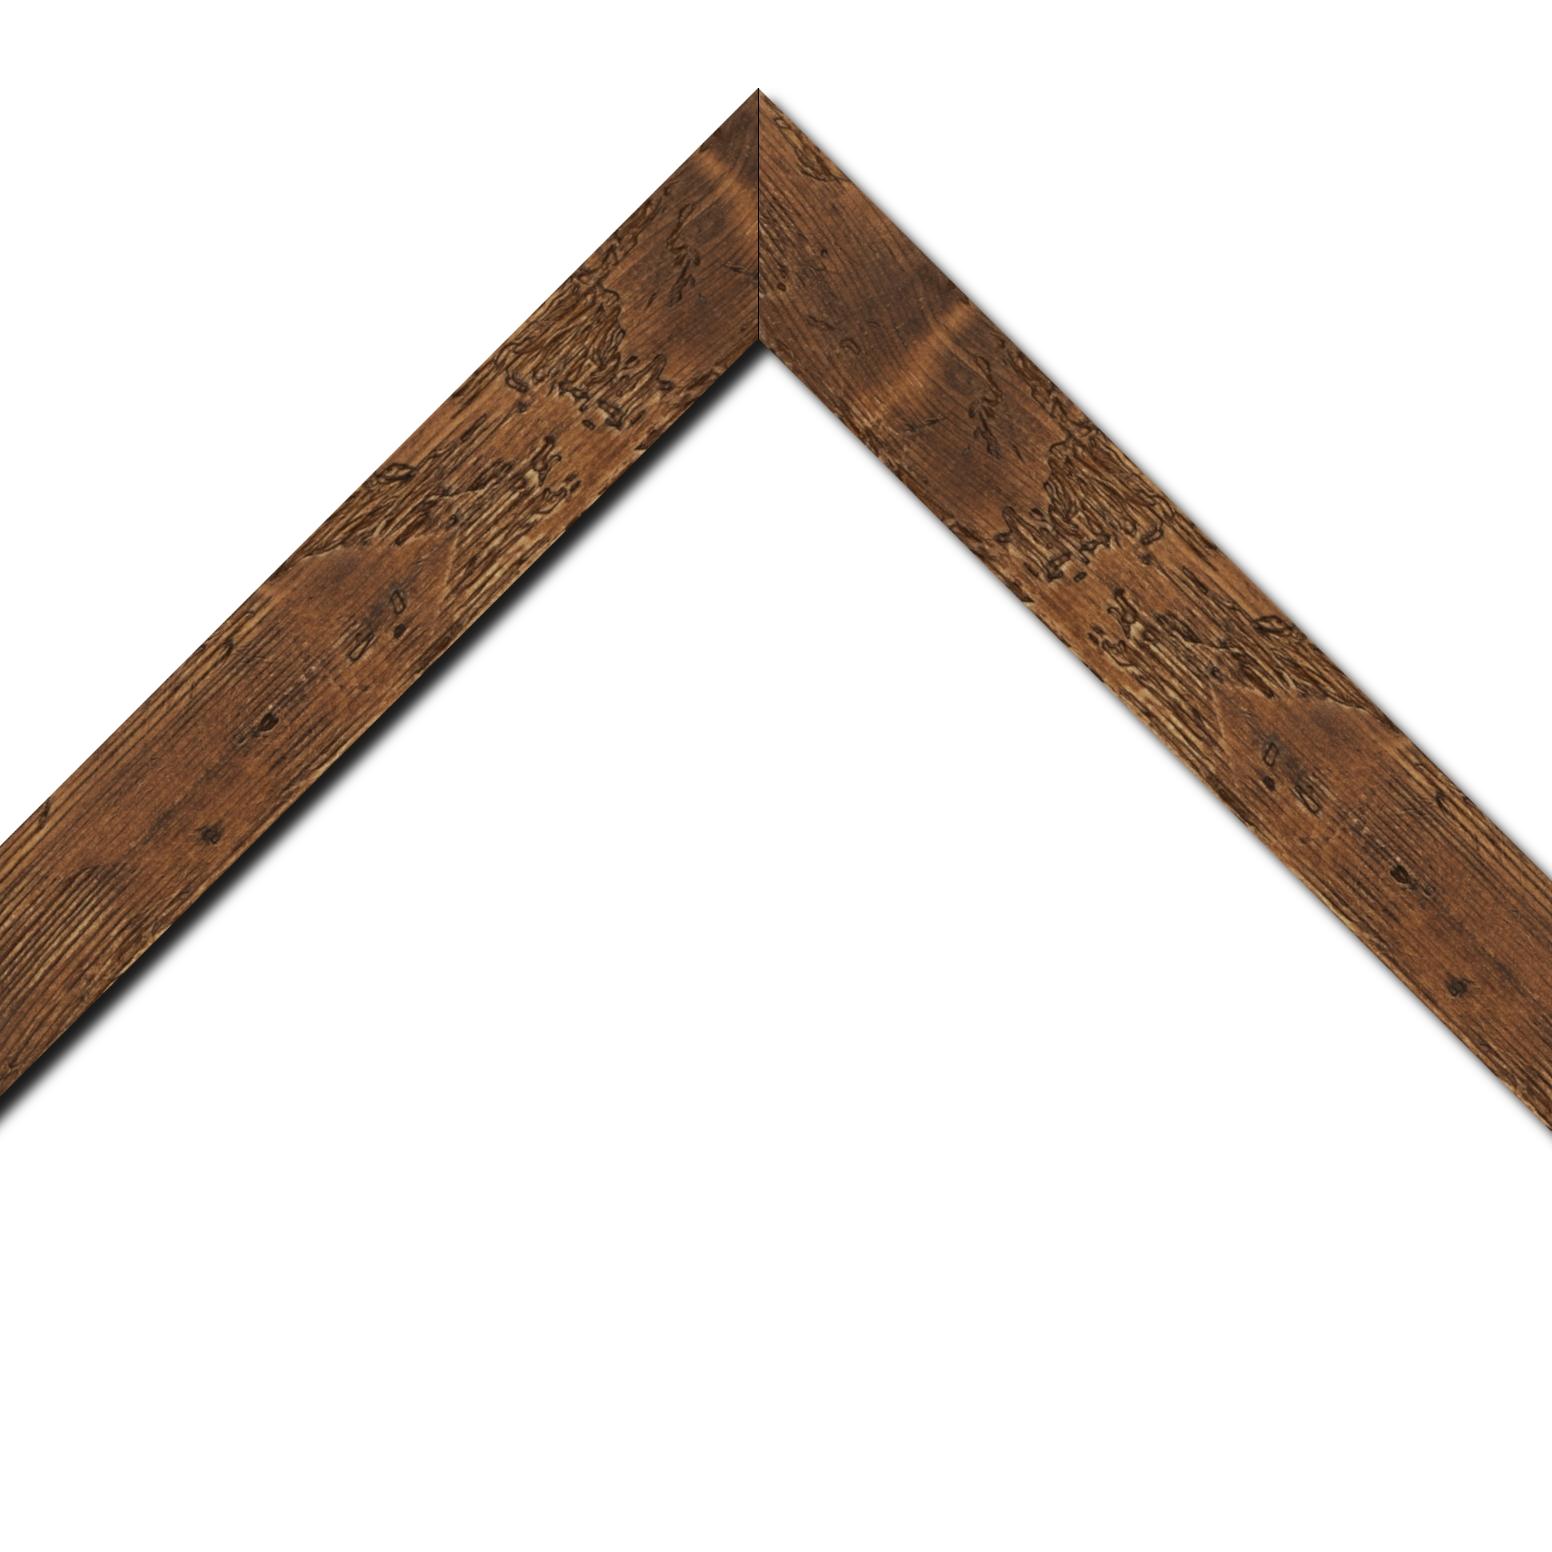 Baguette bois profil plat largeur 4.3cm couleur marron foncé finition aspect vieilli antique